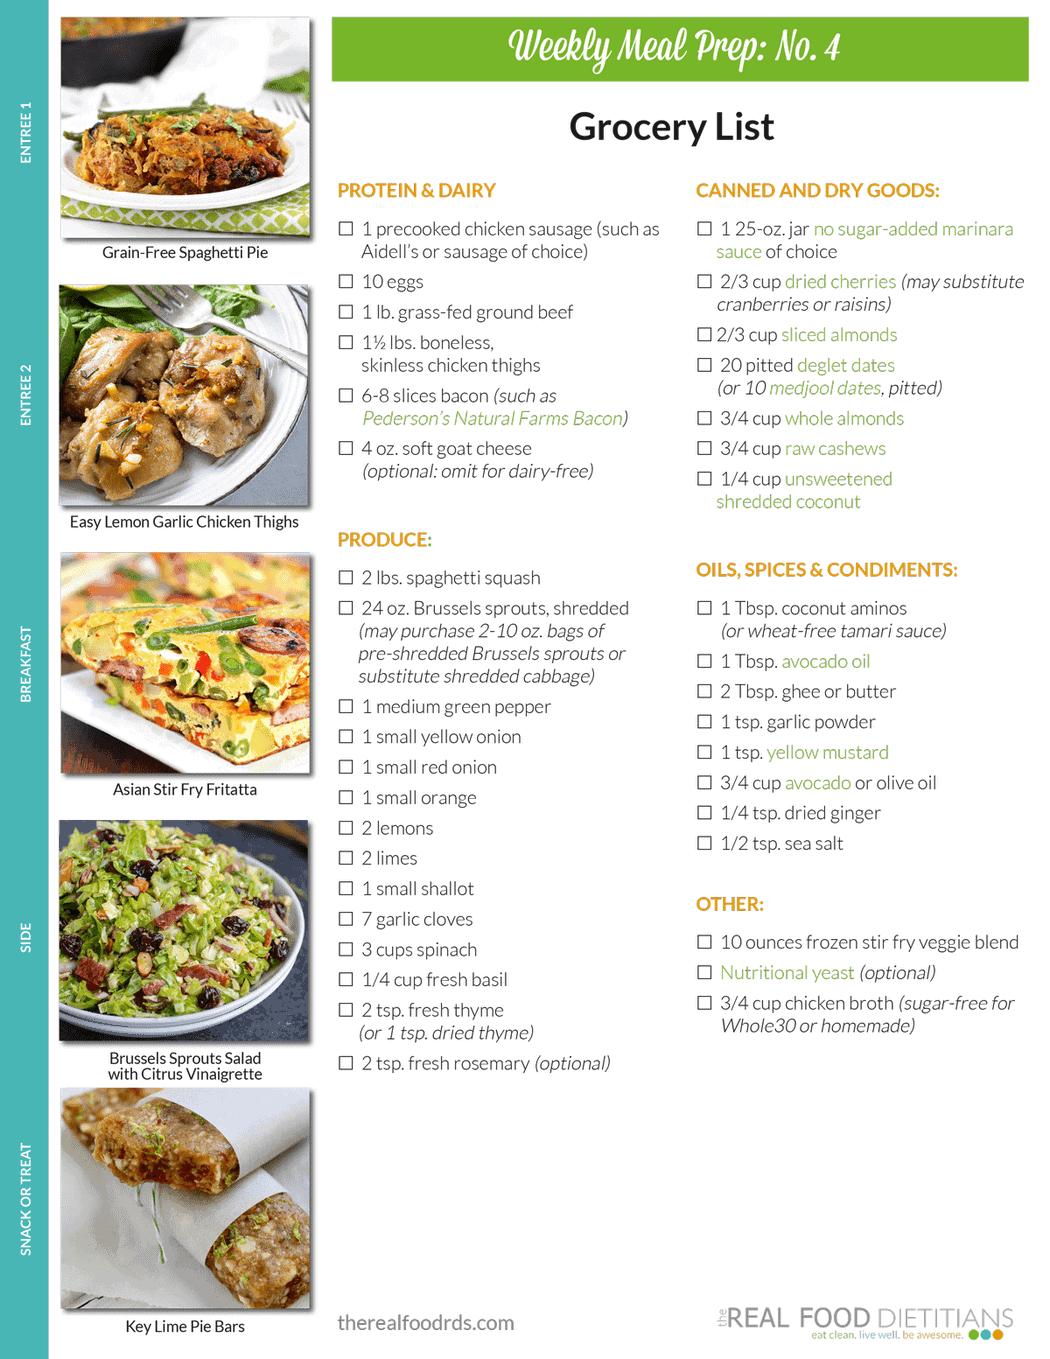 Weekly Meal Prep Menu: No. 4 - The Real Food Dietitians